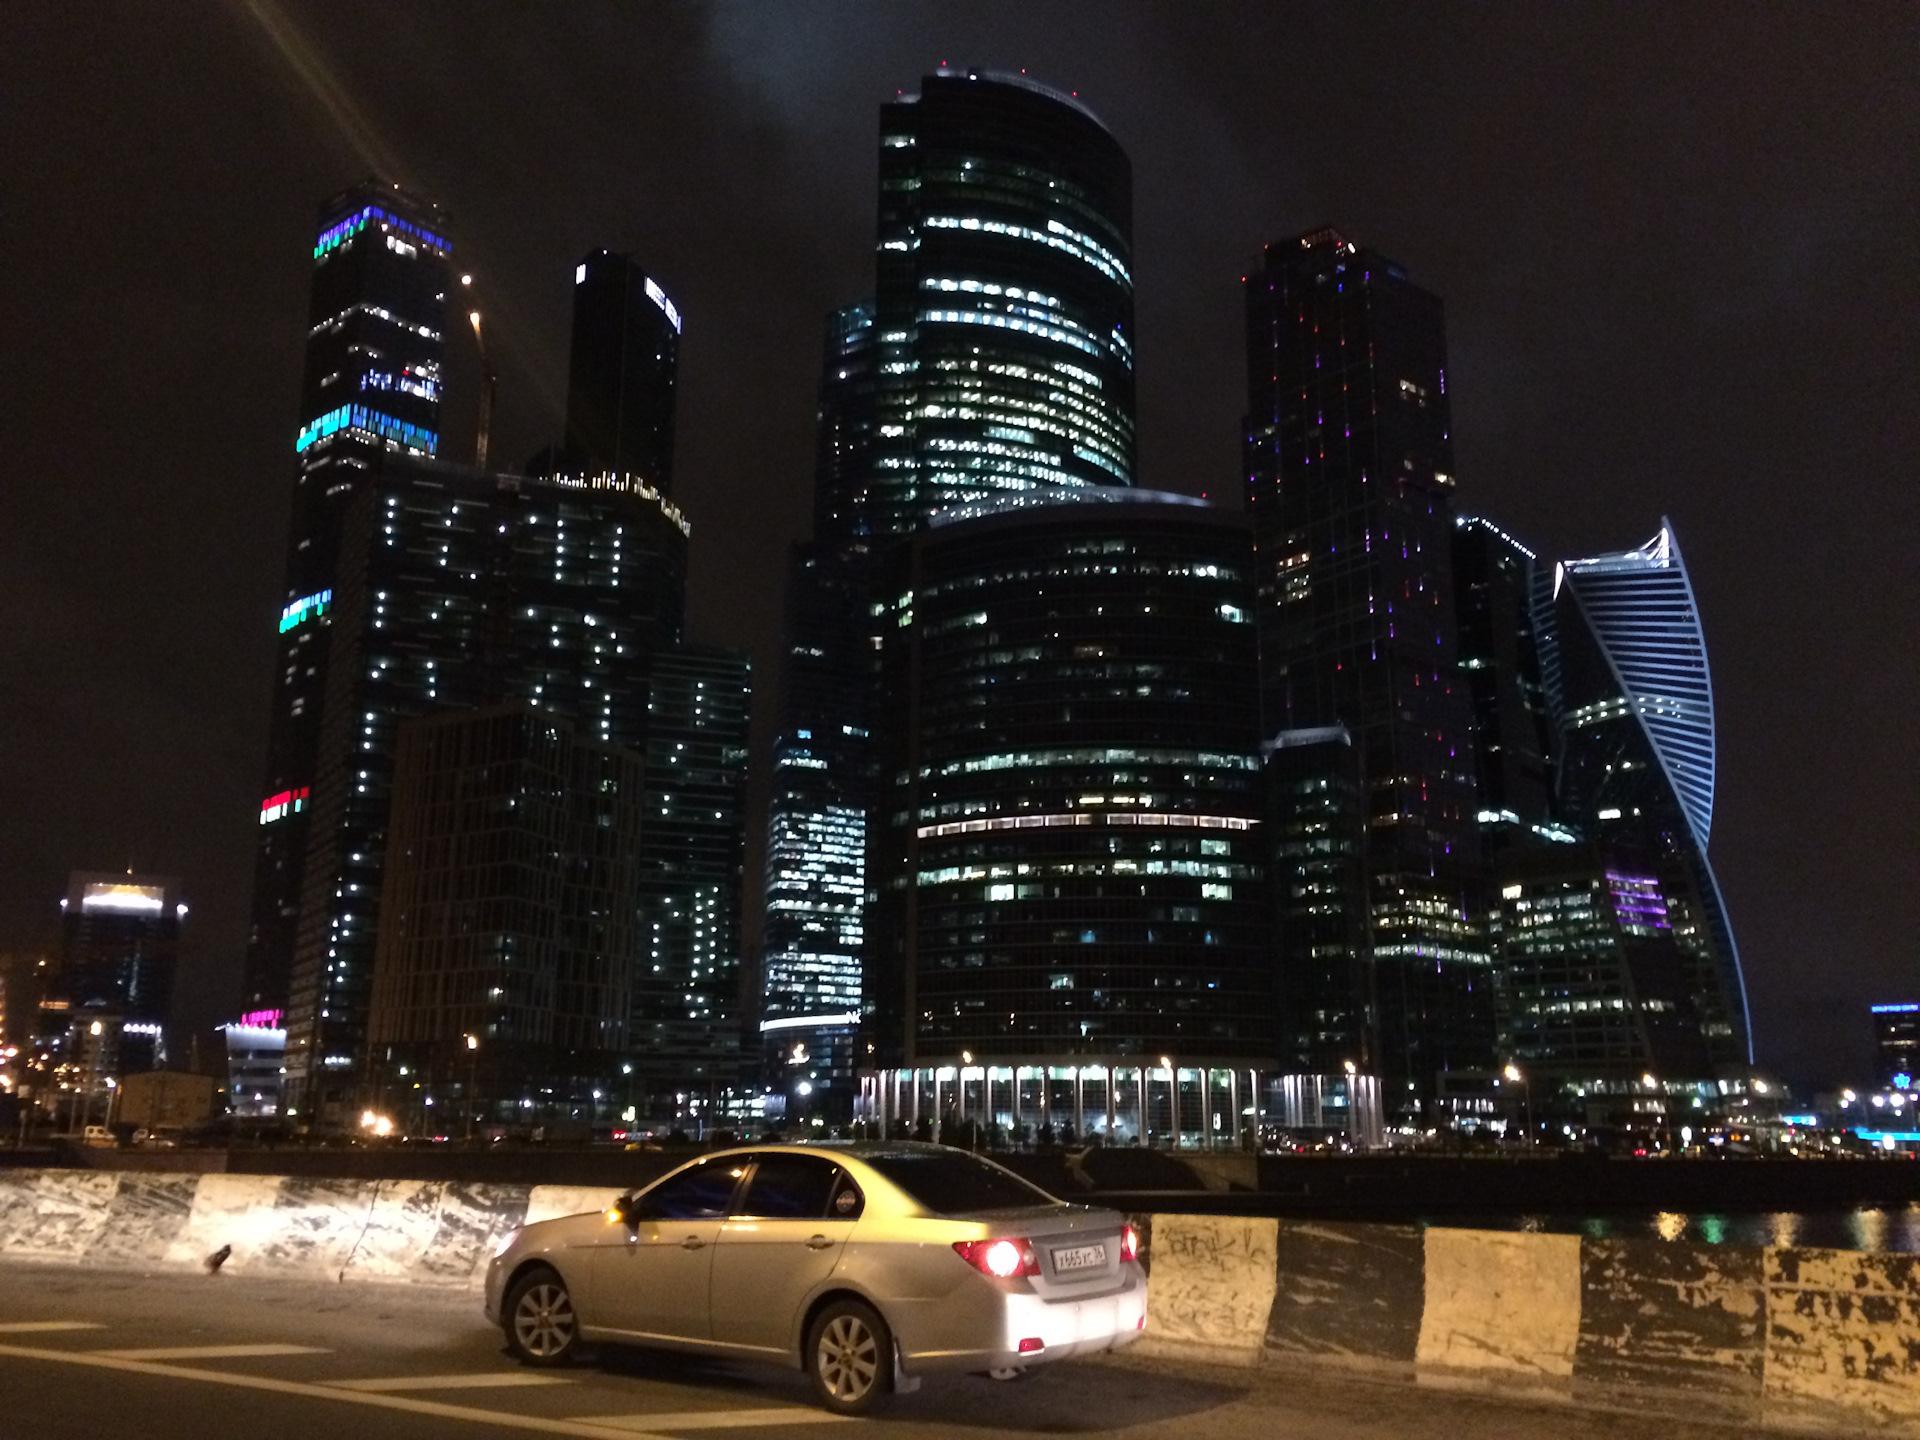 хлопчатобумажная фото с москва сити ночью людей окрашиванием используйте